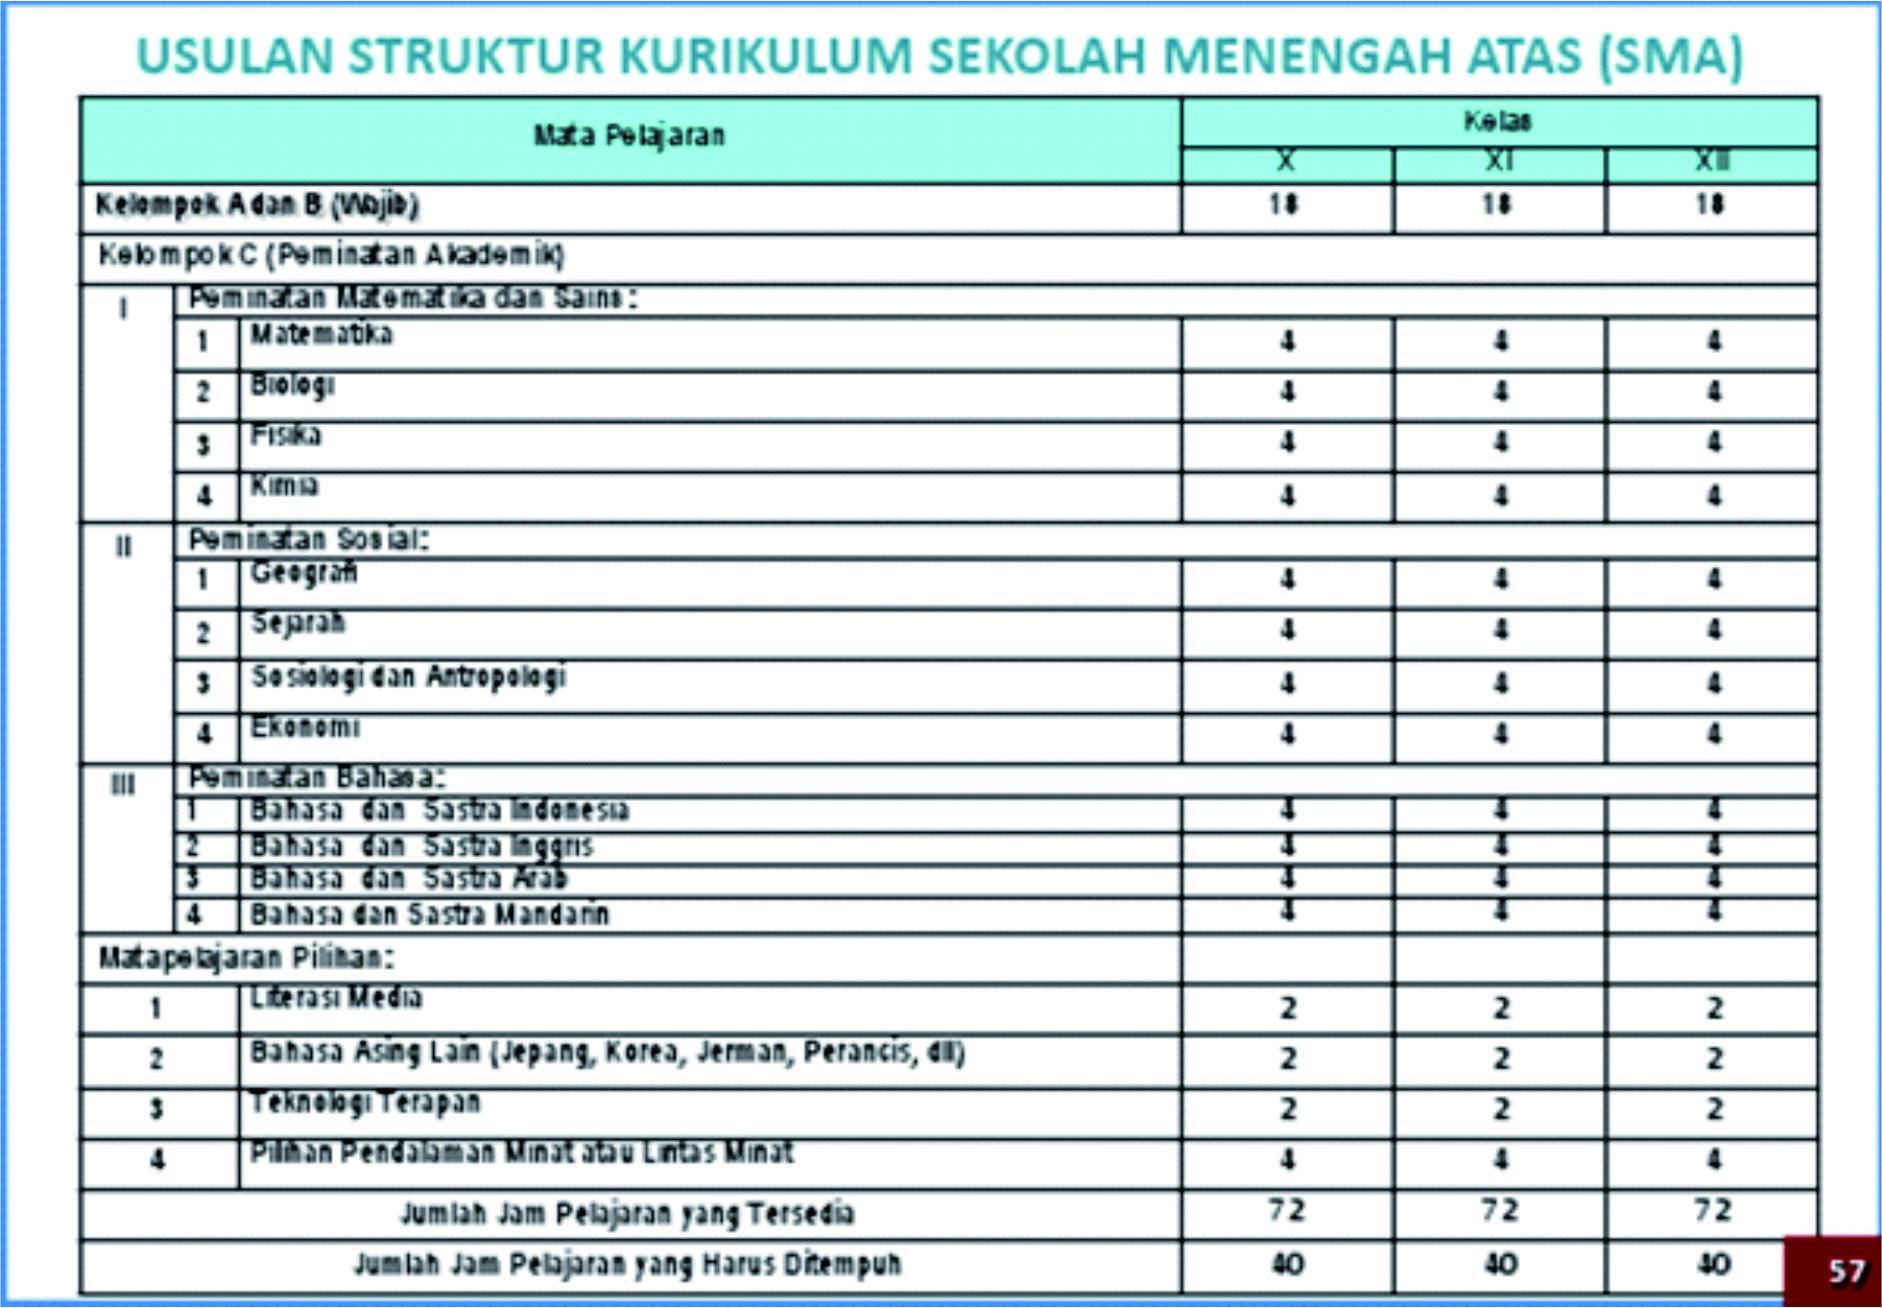 Pengembangan Struktur Kurikulum Sma Dan Smk